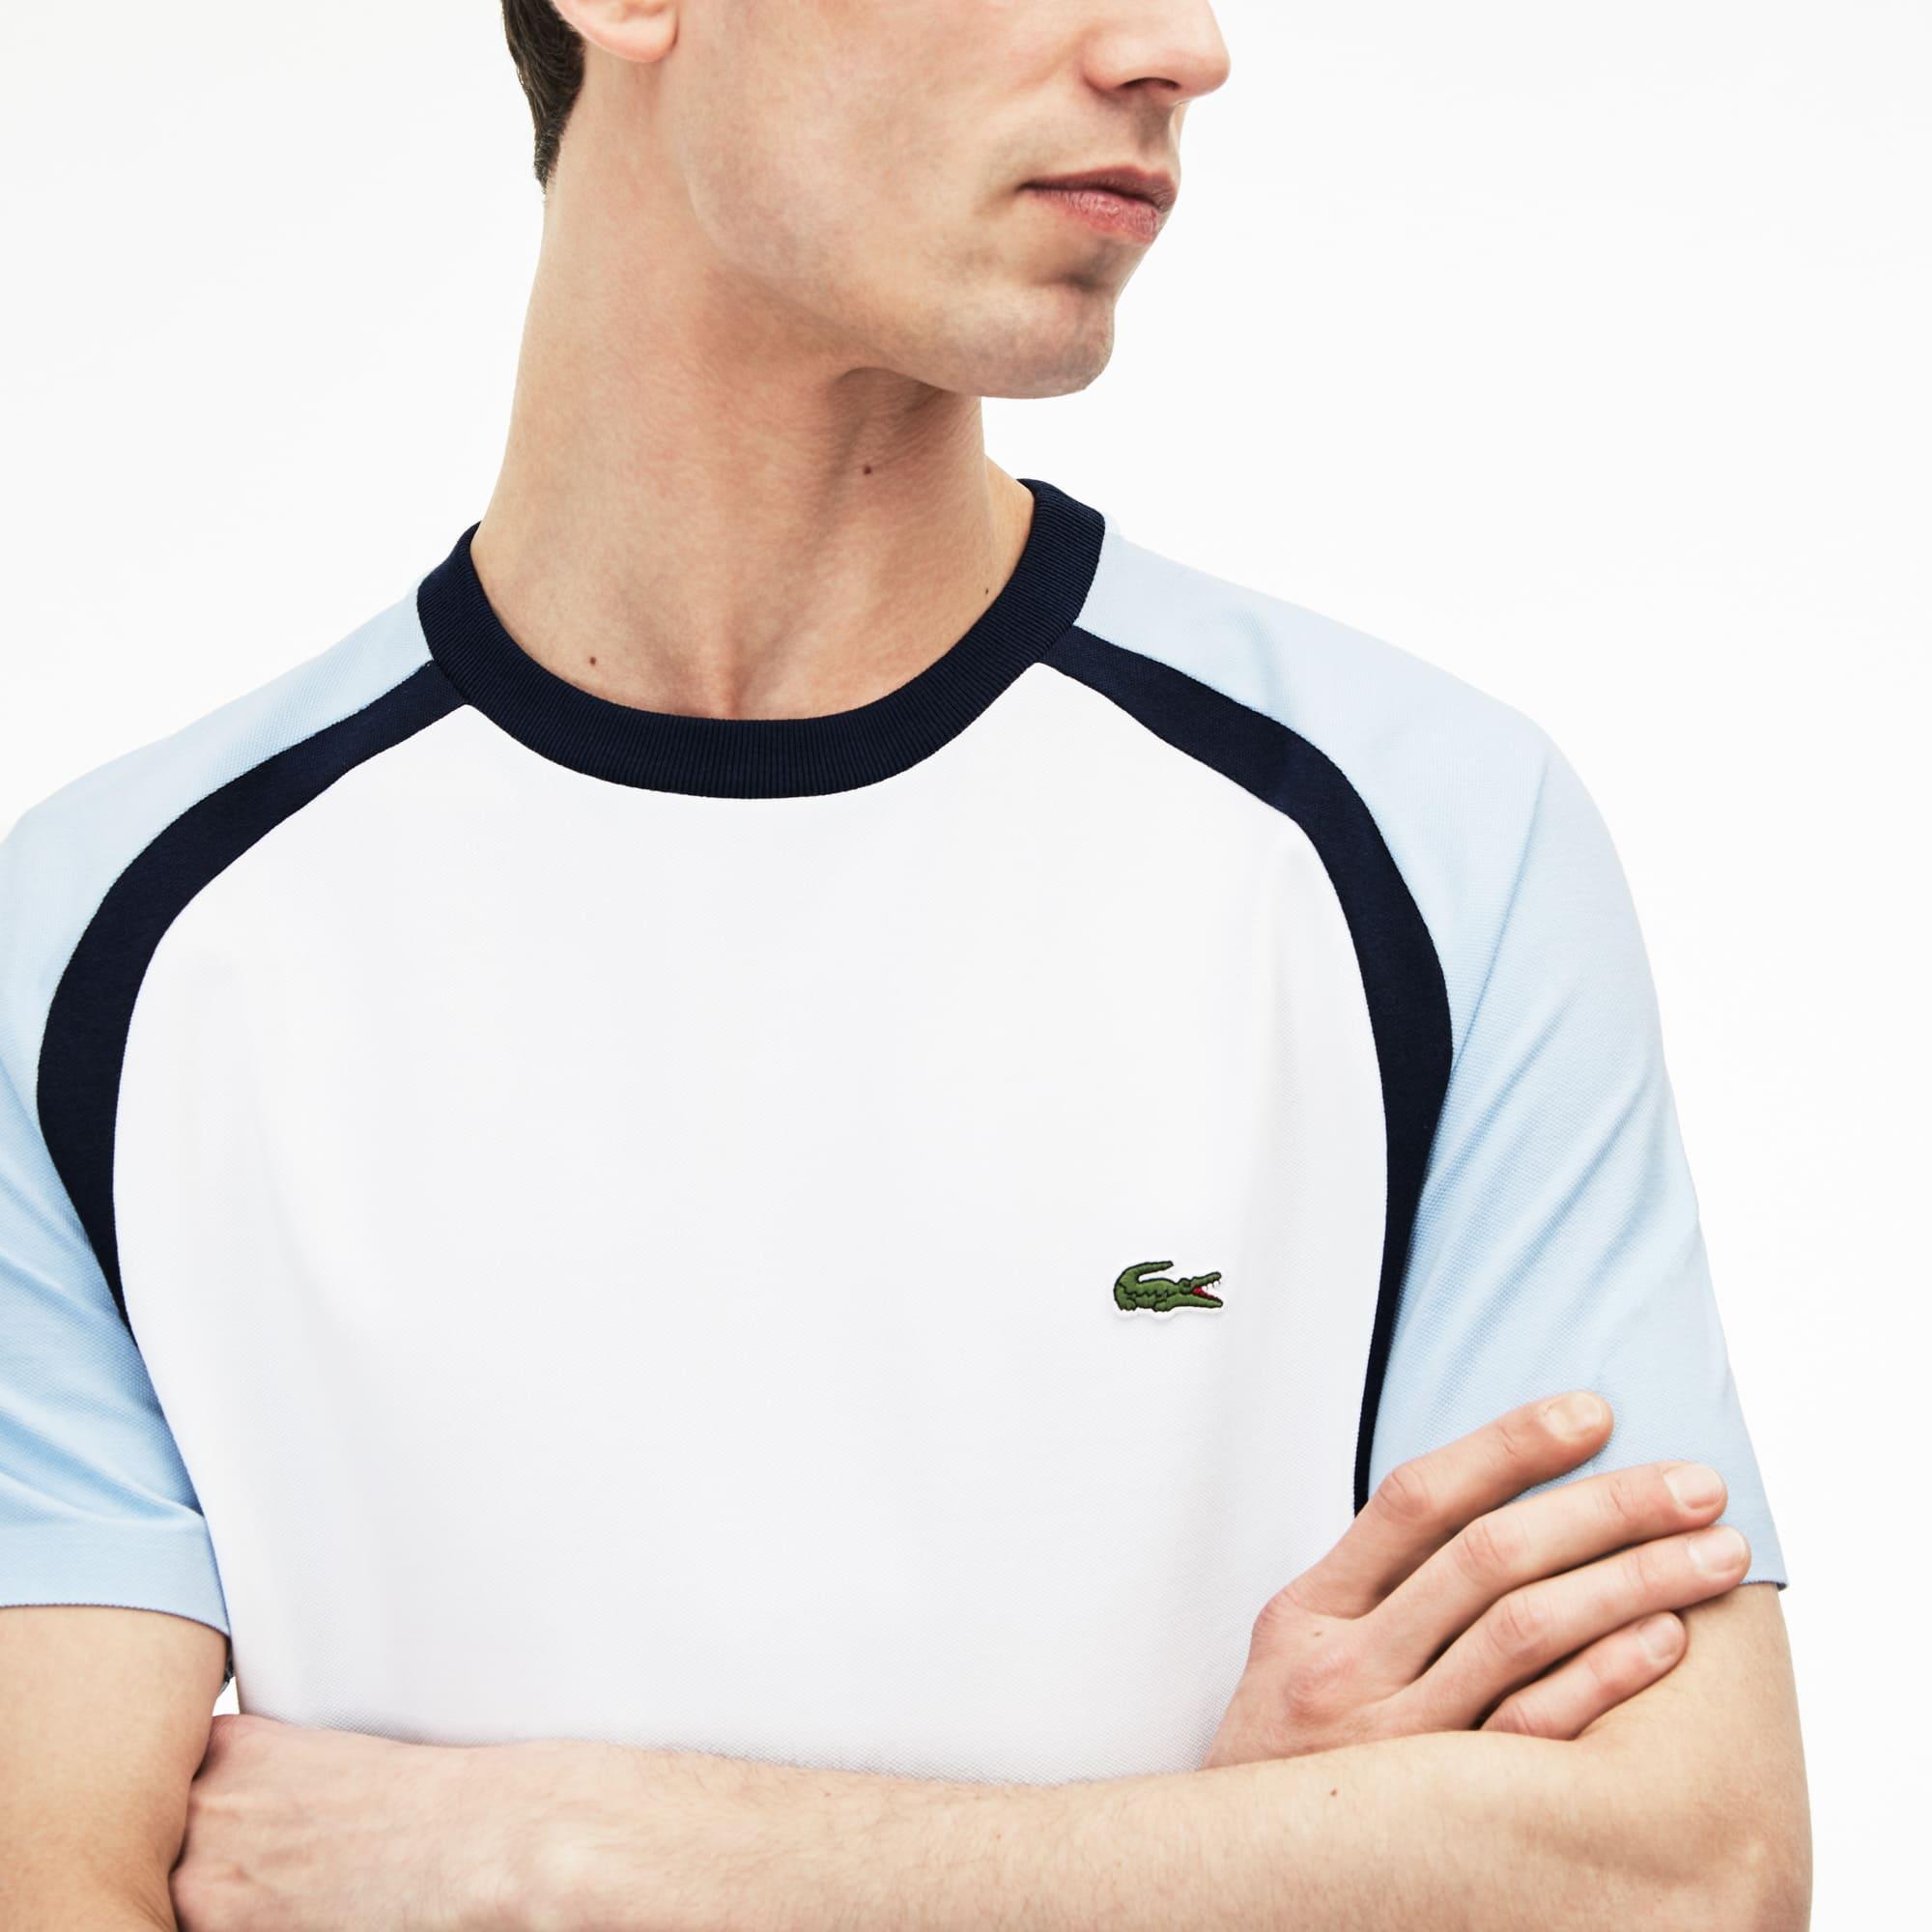 Herren Made in France Rundhals T-Shirt aus Funktionspiqué